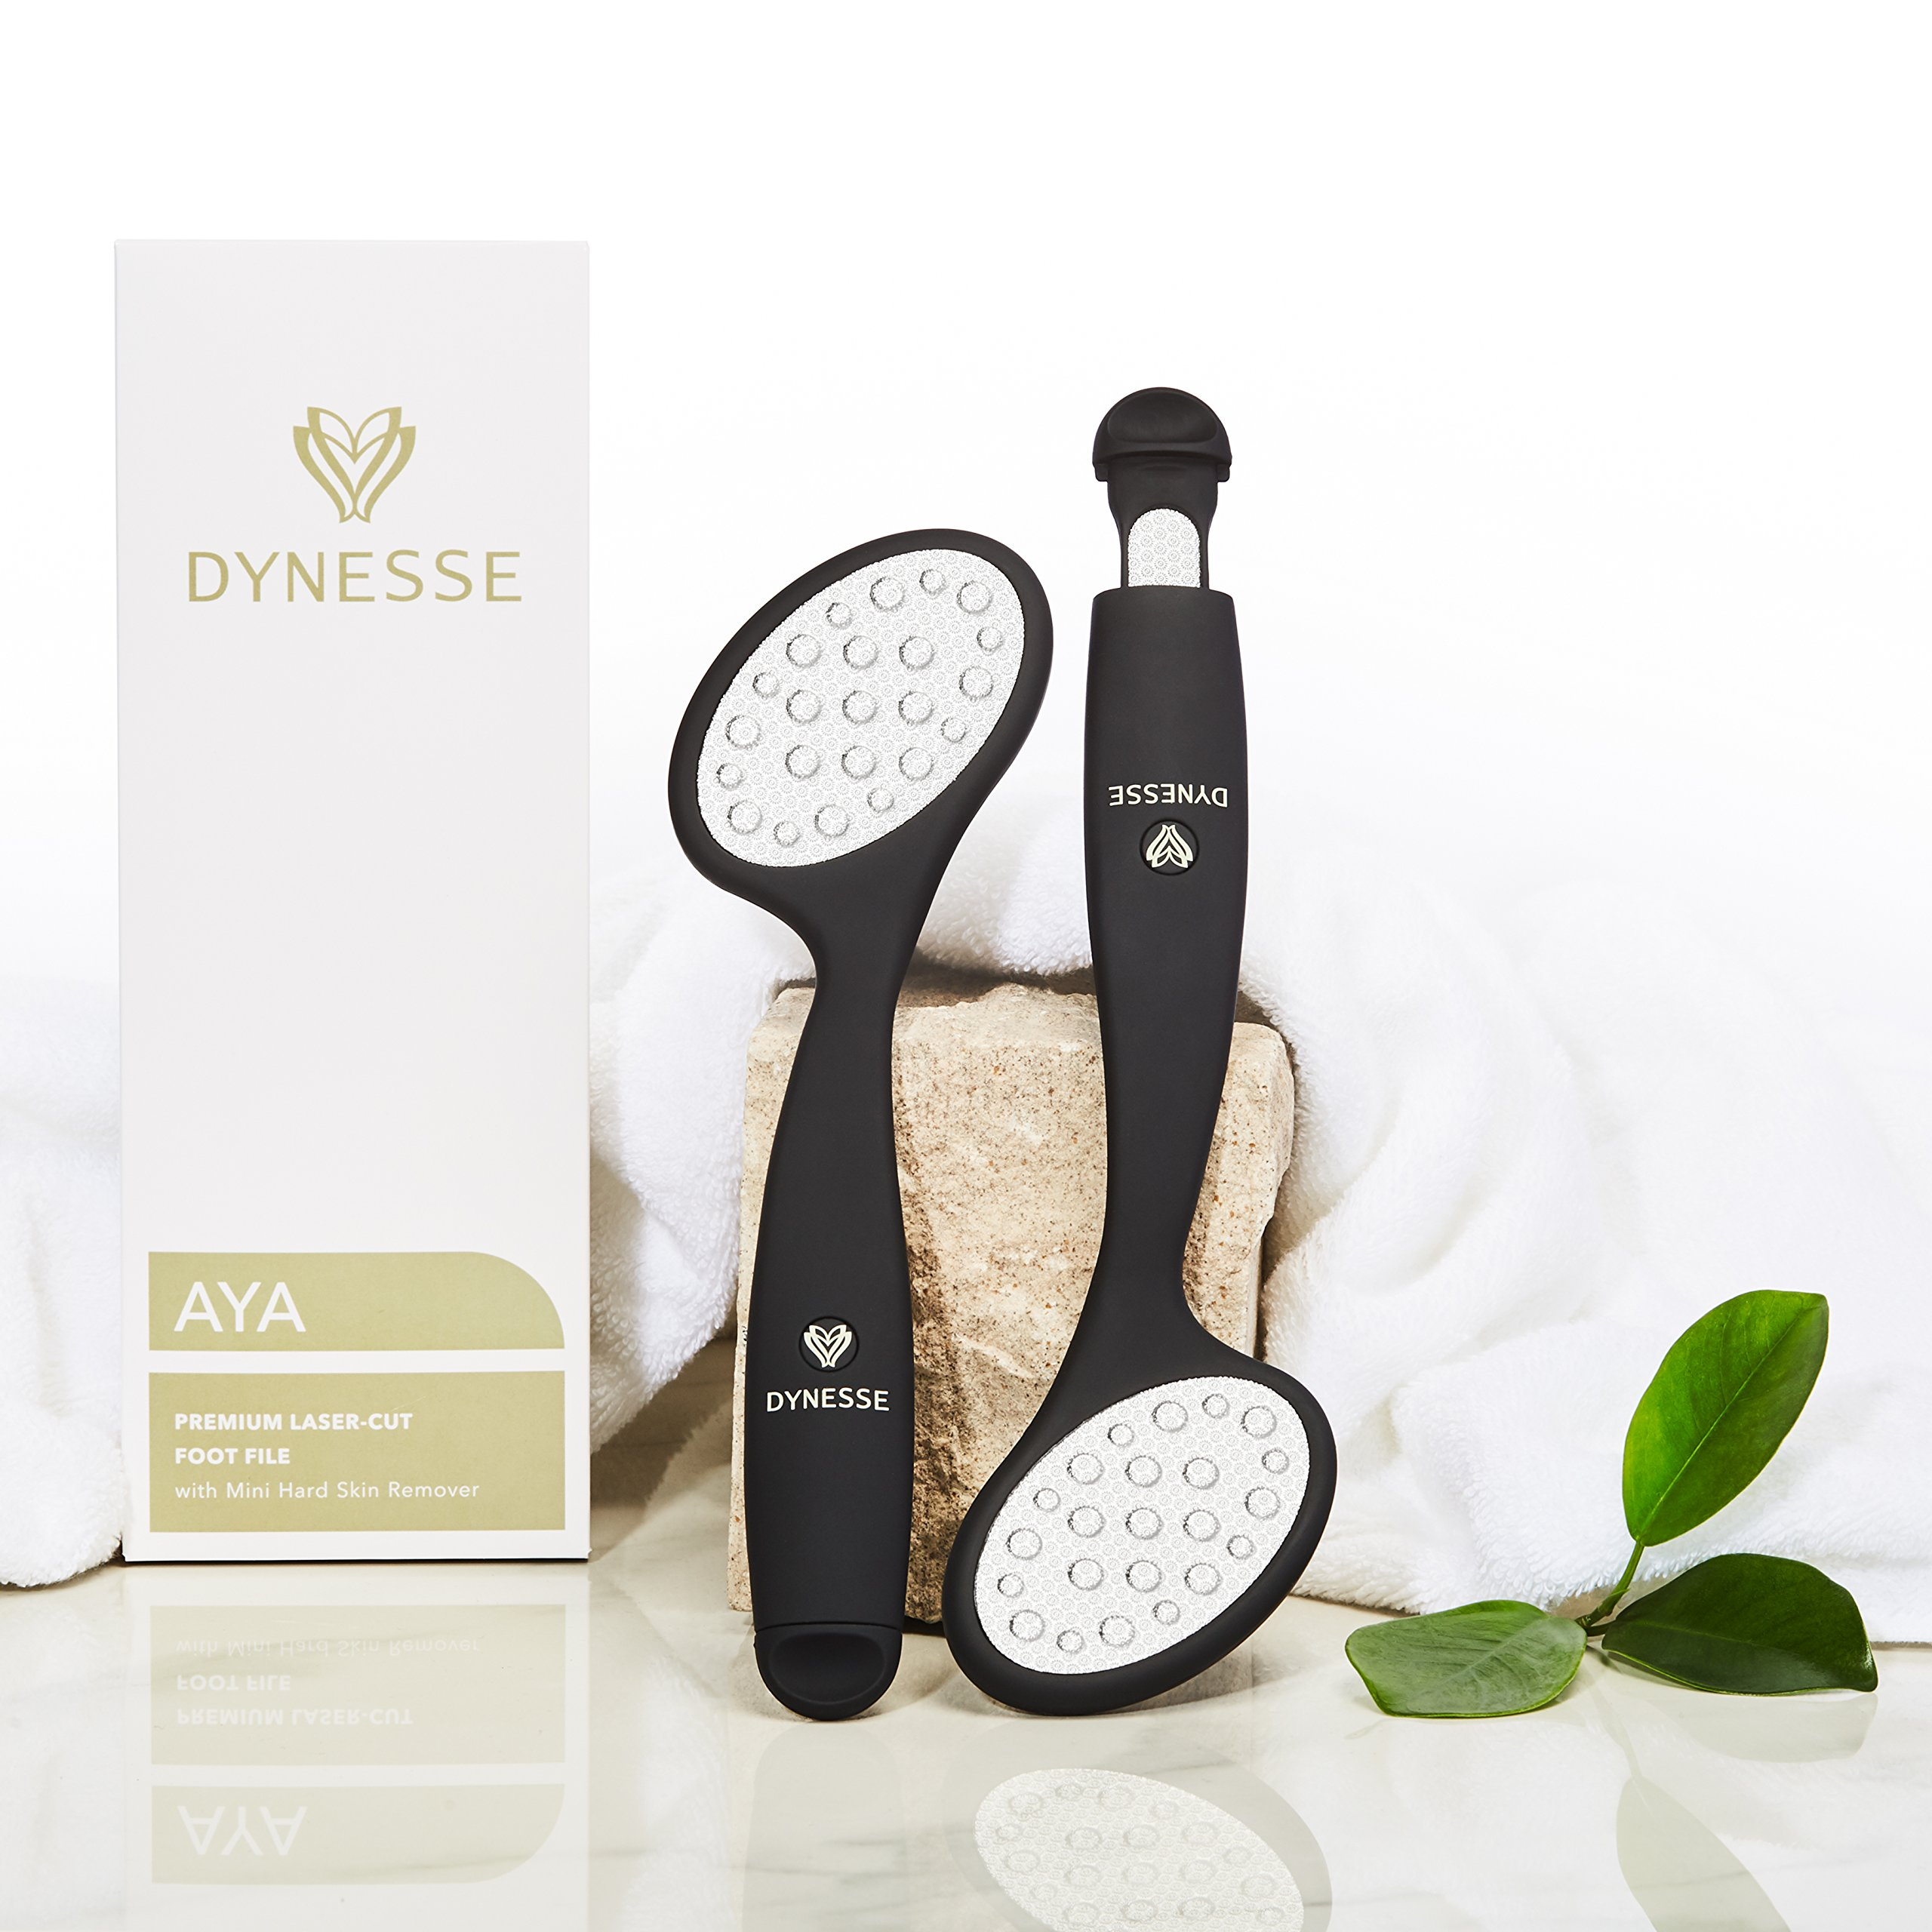 Frauen Und Kinder Fußpflege-utensil Schönheit & Gesundheit Körper Fußpflege Werkzeug Elastische Spannung Band Geeignet FüR MäNner